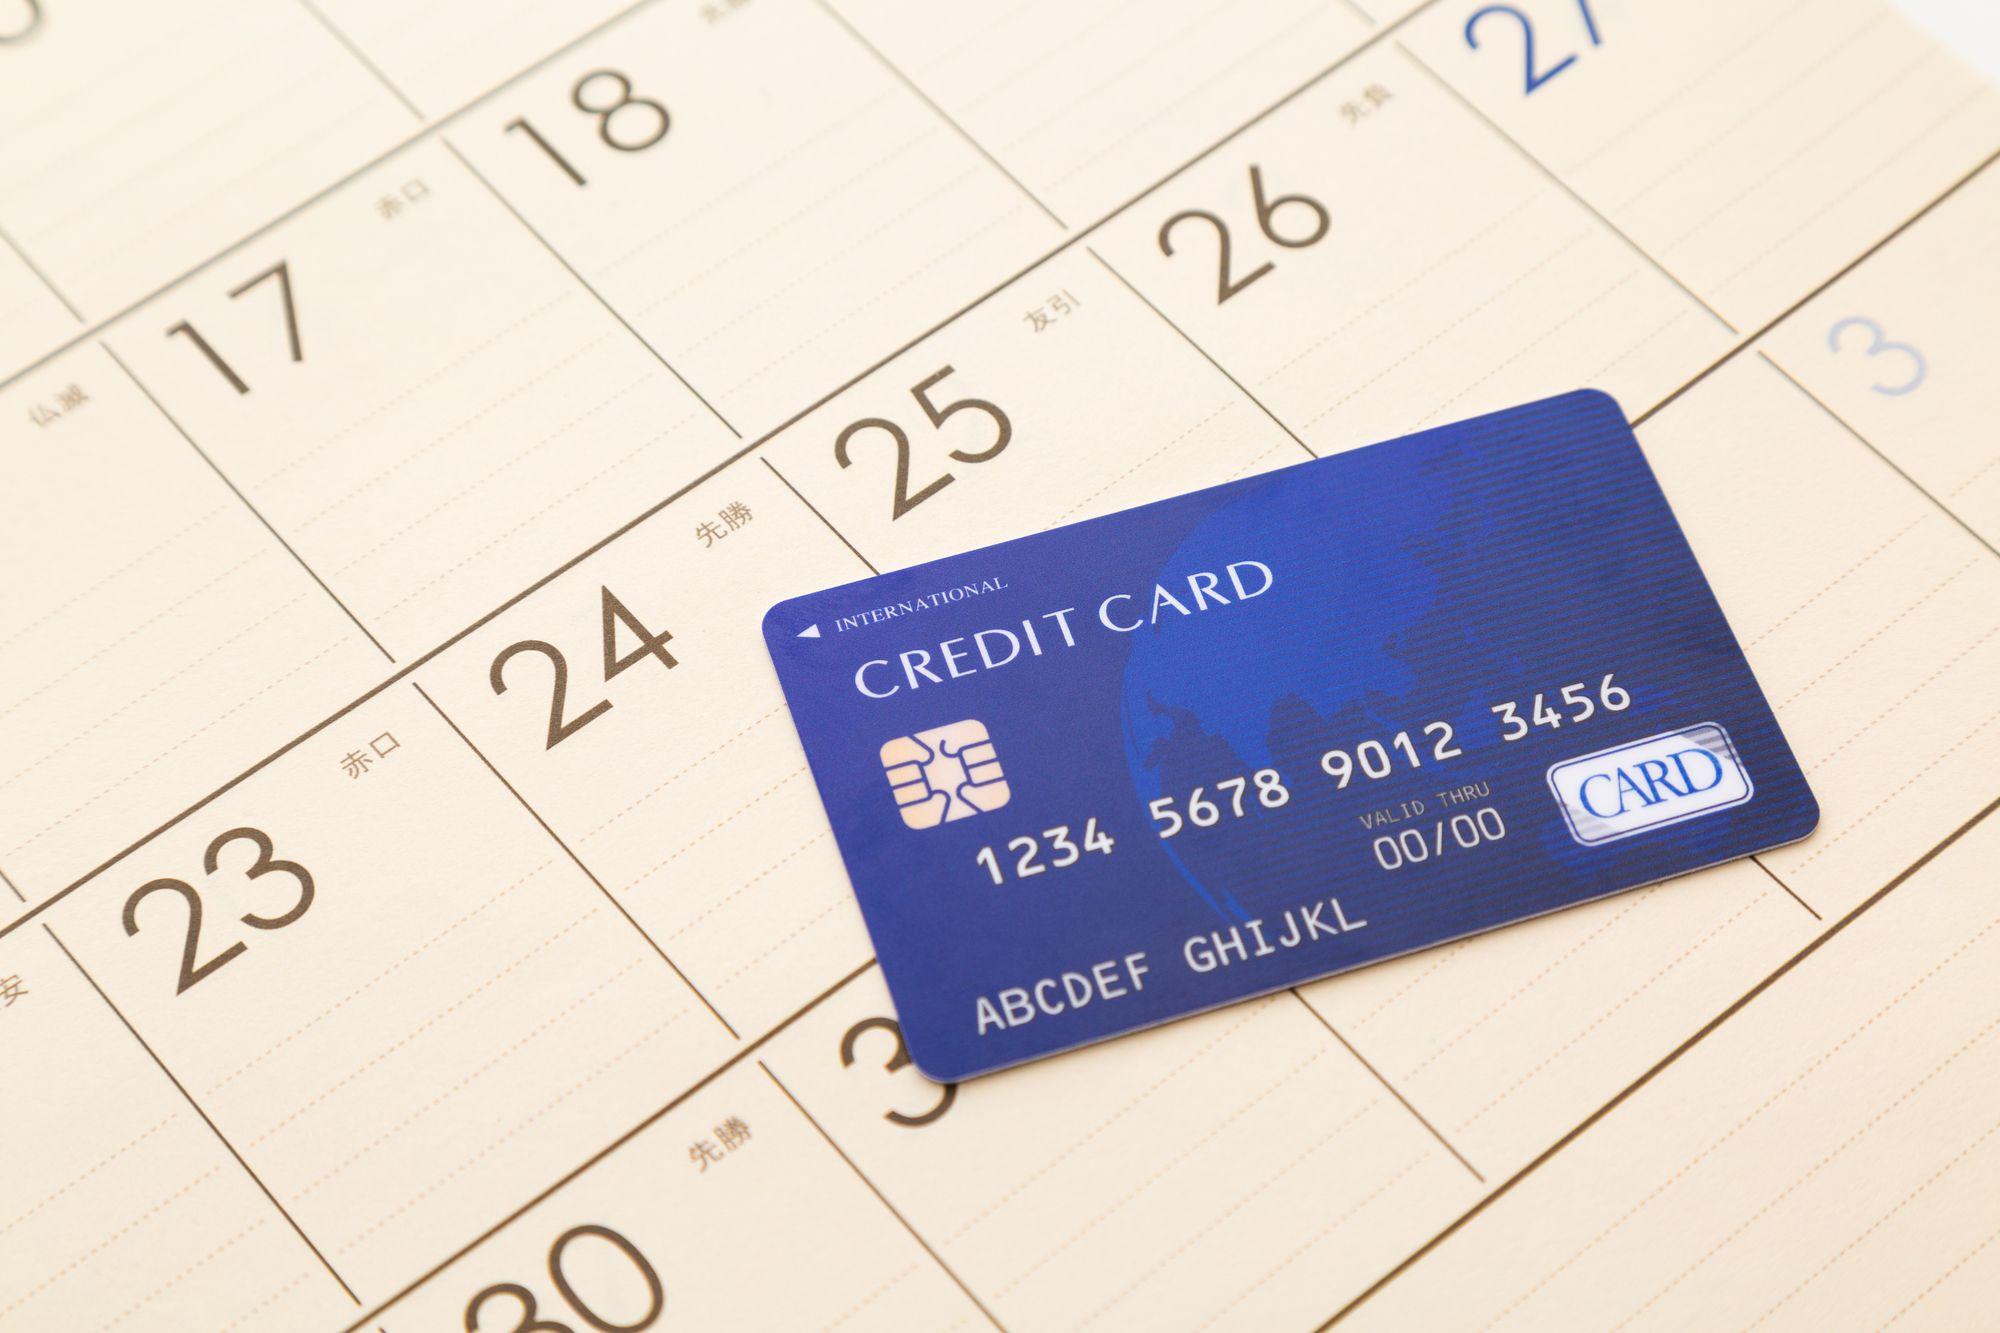 エポスカードの締め日・支払い日を解説!引き落としタイミングを把握して残高不足を防ぐ方法